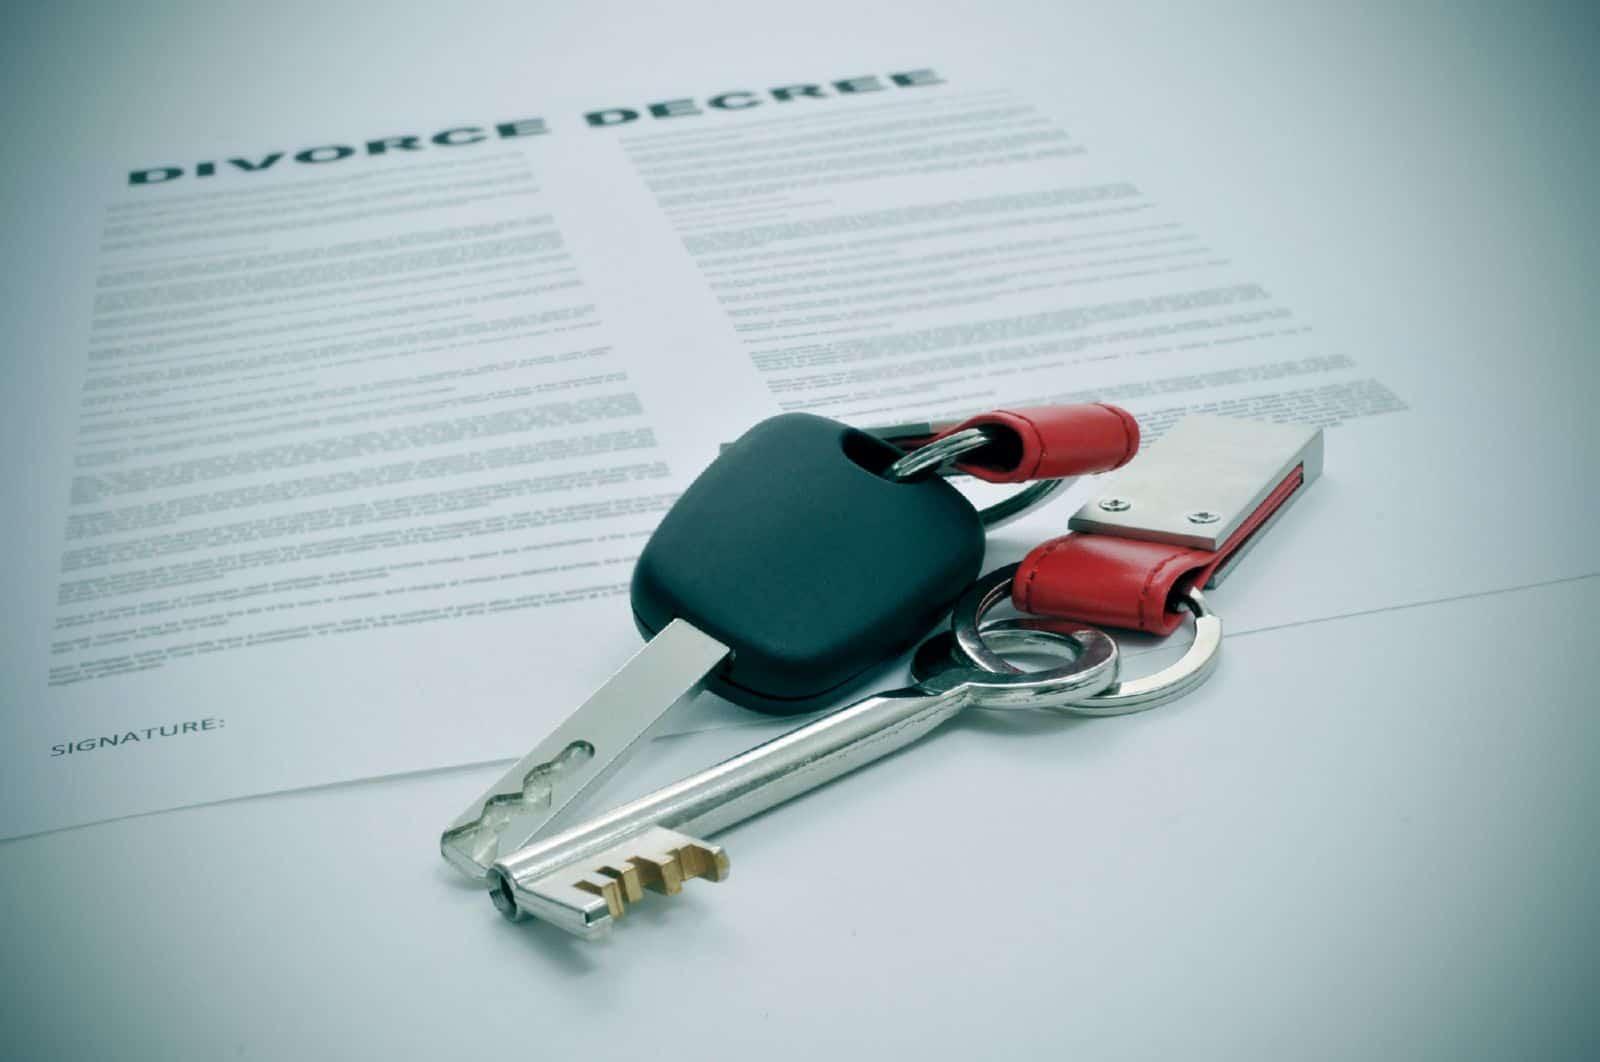 Семейное законодательство имущество при разводе делится автомобиль, АВТО-юрист